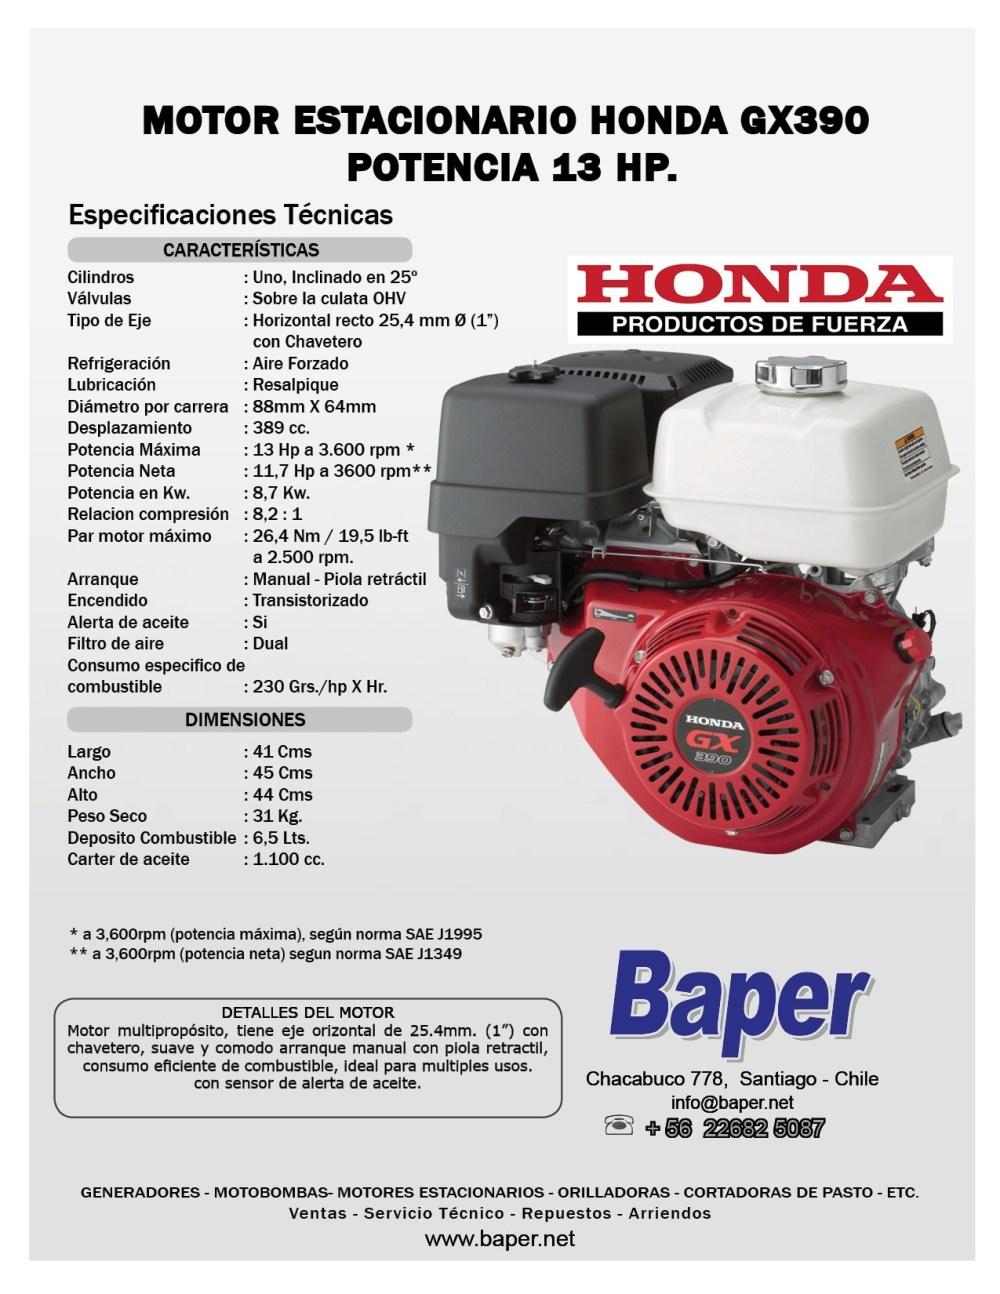 medium resolution of honda gx390 parts diagram motor estacionario honda bencinero gx390 13hp arranque manual baper of honda gx390